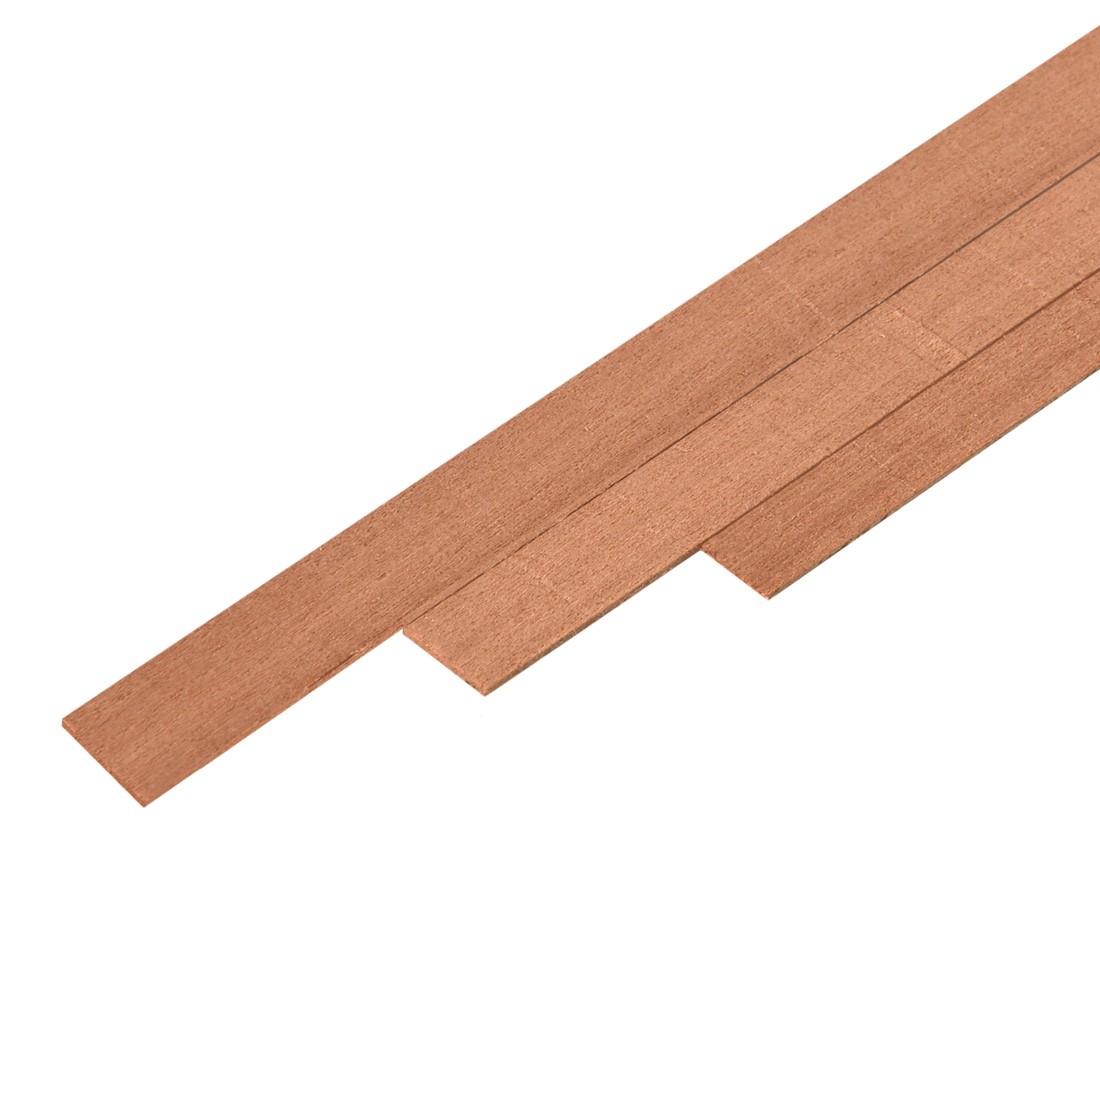 Peer strip mm.0,5x4